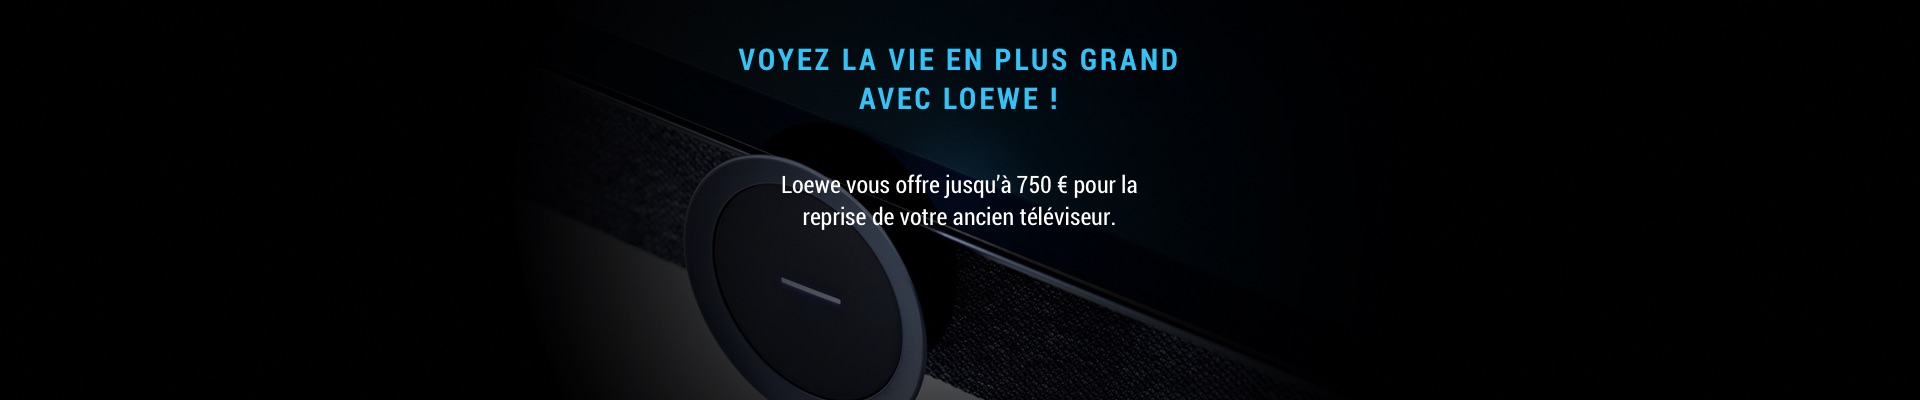 sl-loewe-op-reprise-20170214